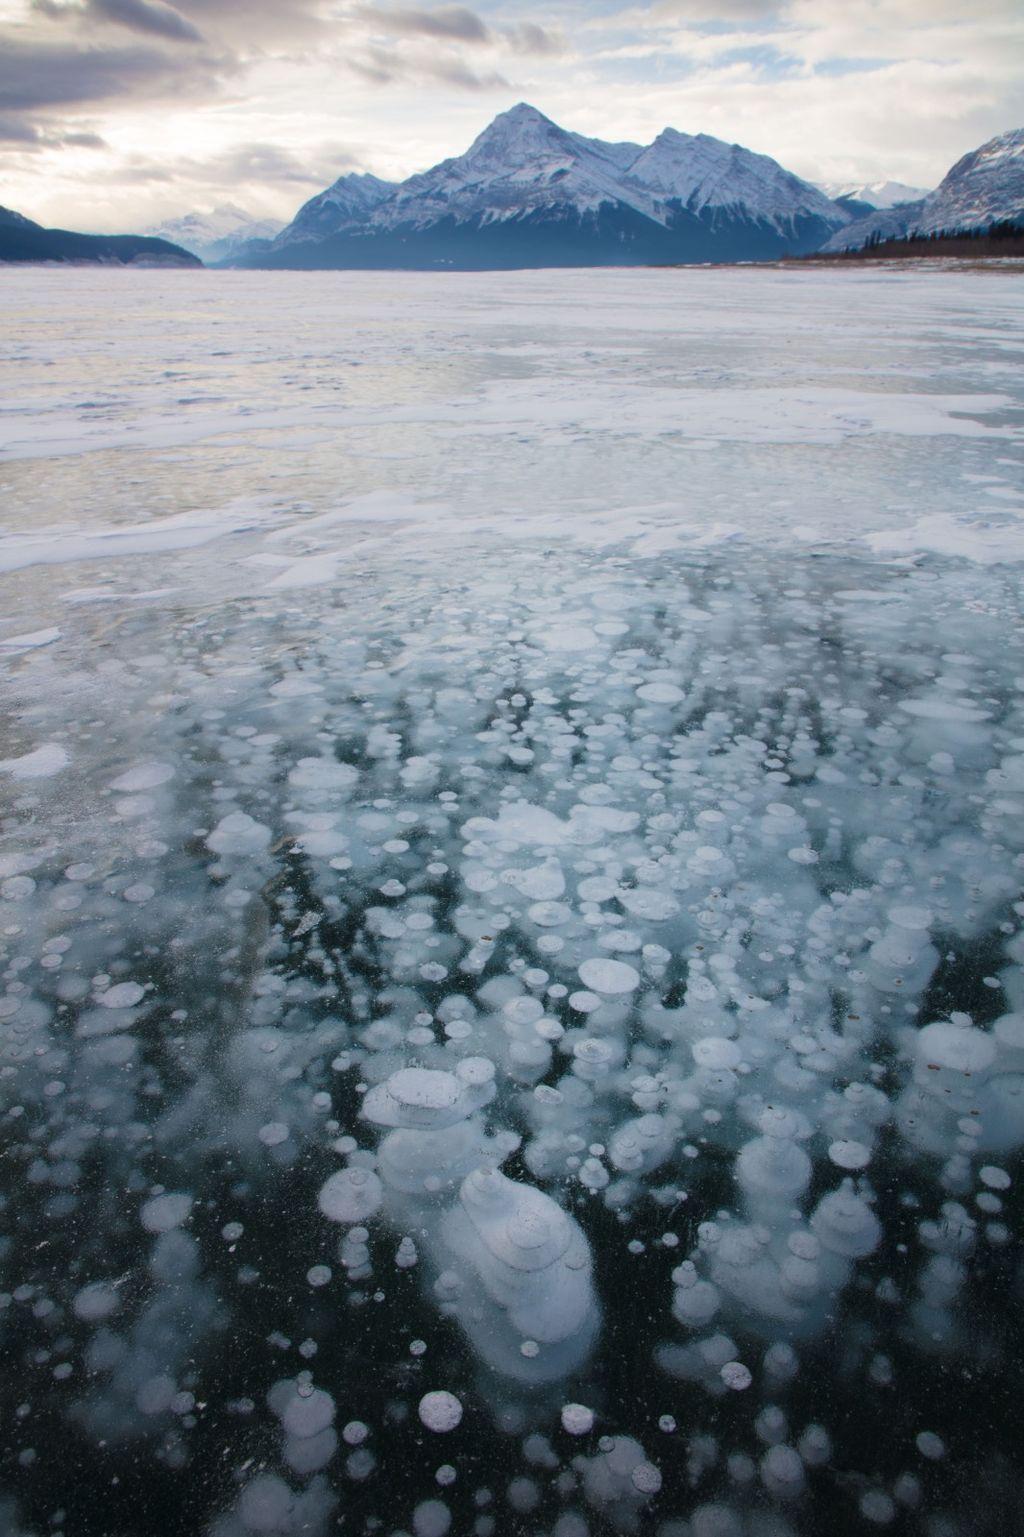 Canadian Rockies 006: lake abraham two